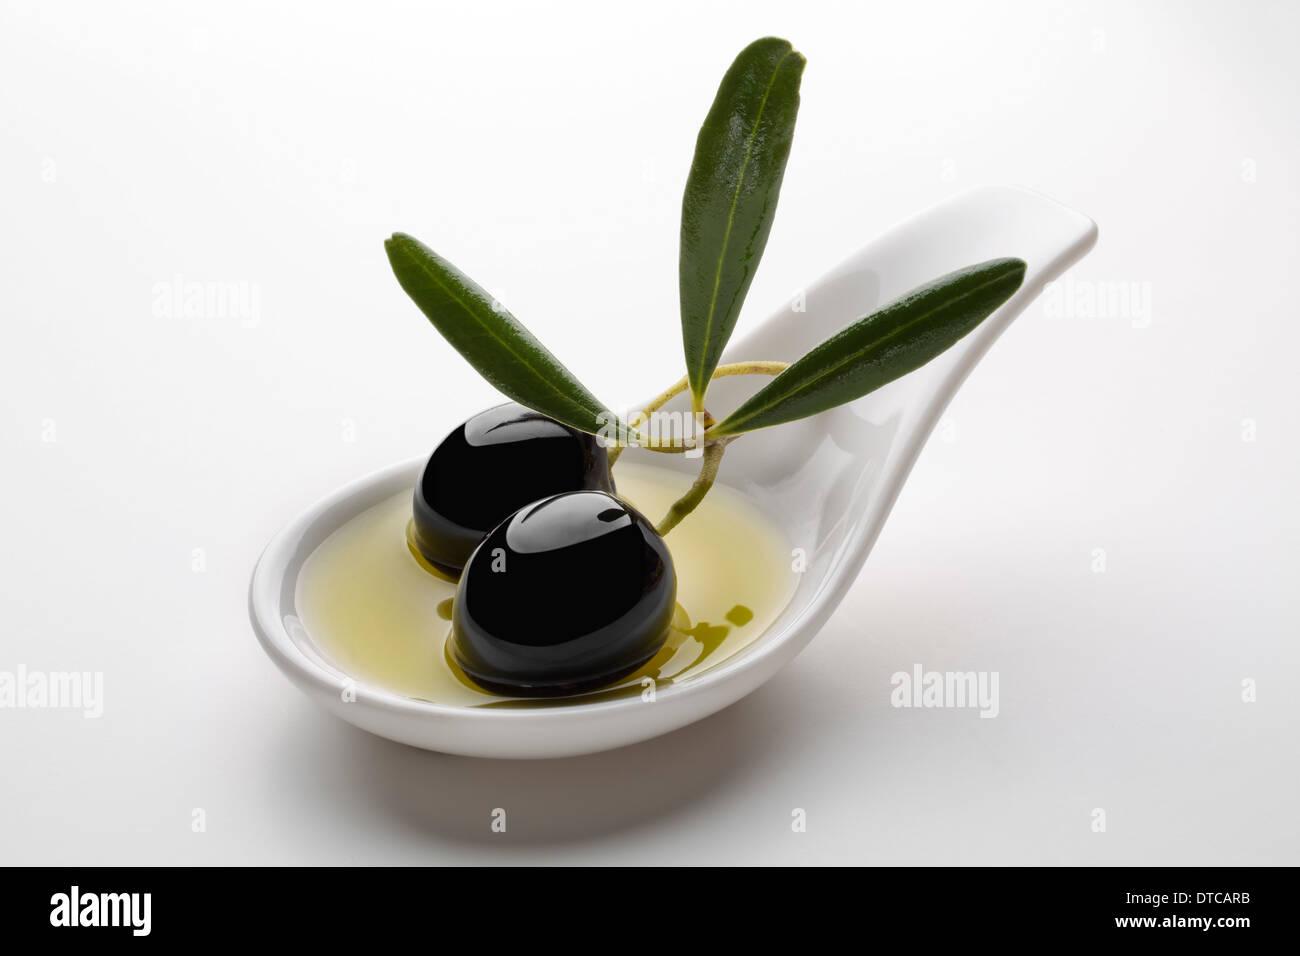 Black olives olive oil aceituna negra en aceite de oliva virgen extra - Stock Image